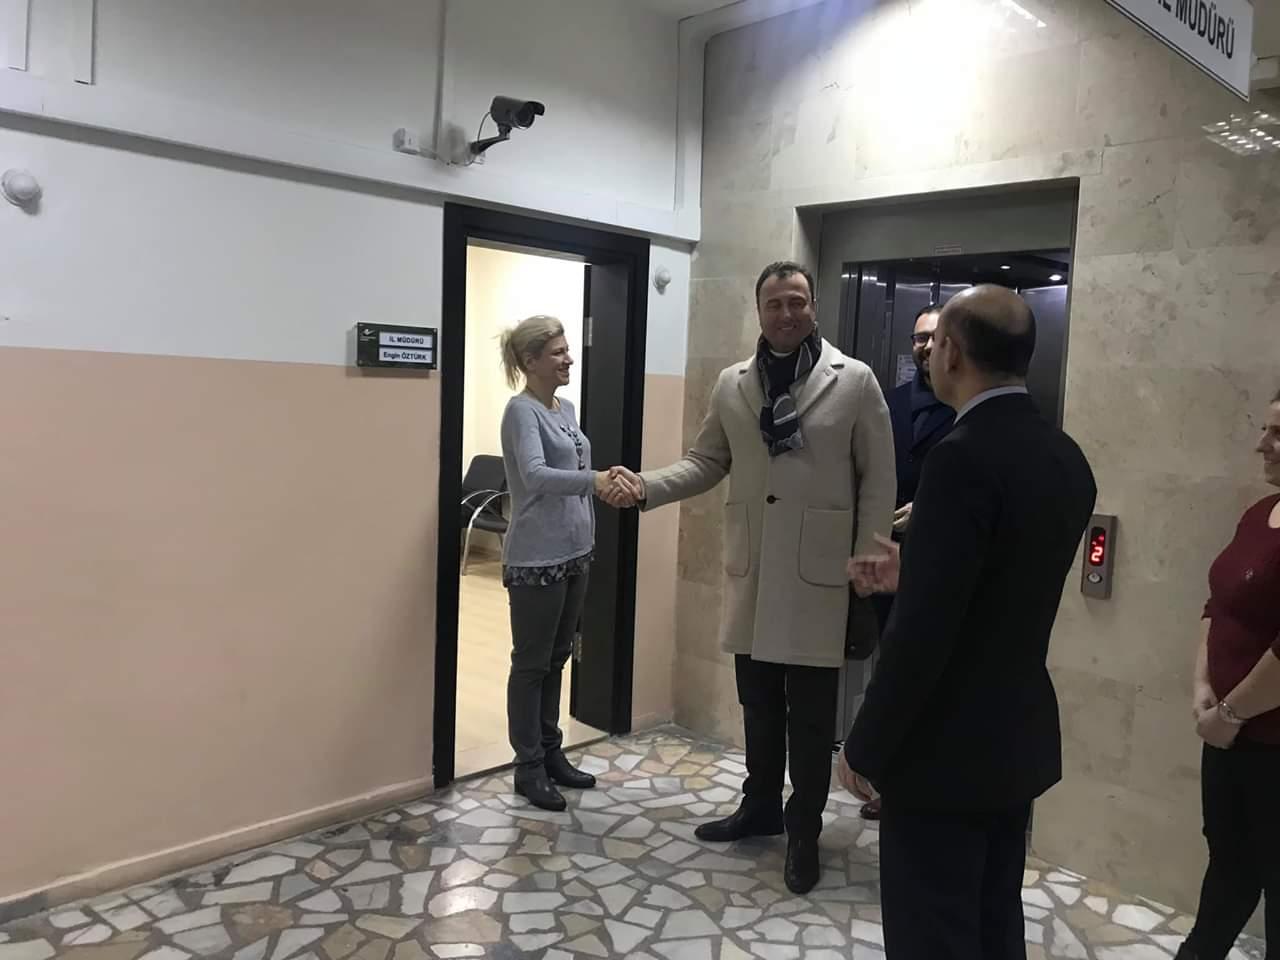 Kırklareli AK Parti Milletvekili Selahattin MİNSOLMAZ ve AK Parti İl Başkanı Alper ÇİLER İl Müdürlüğümüze Ziyarette Bulunup İmar Barışı ve İlimizde Yapılan Çalışmalar Hakkında Bilgi Almışlardır